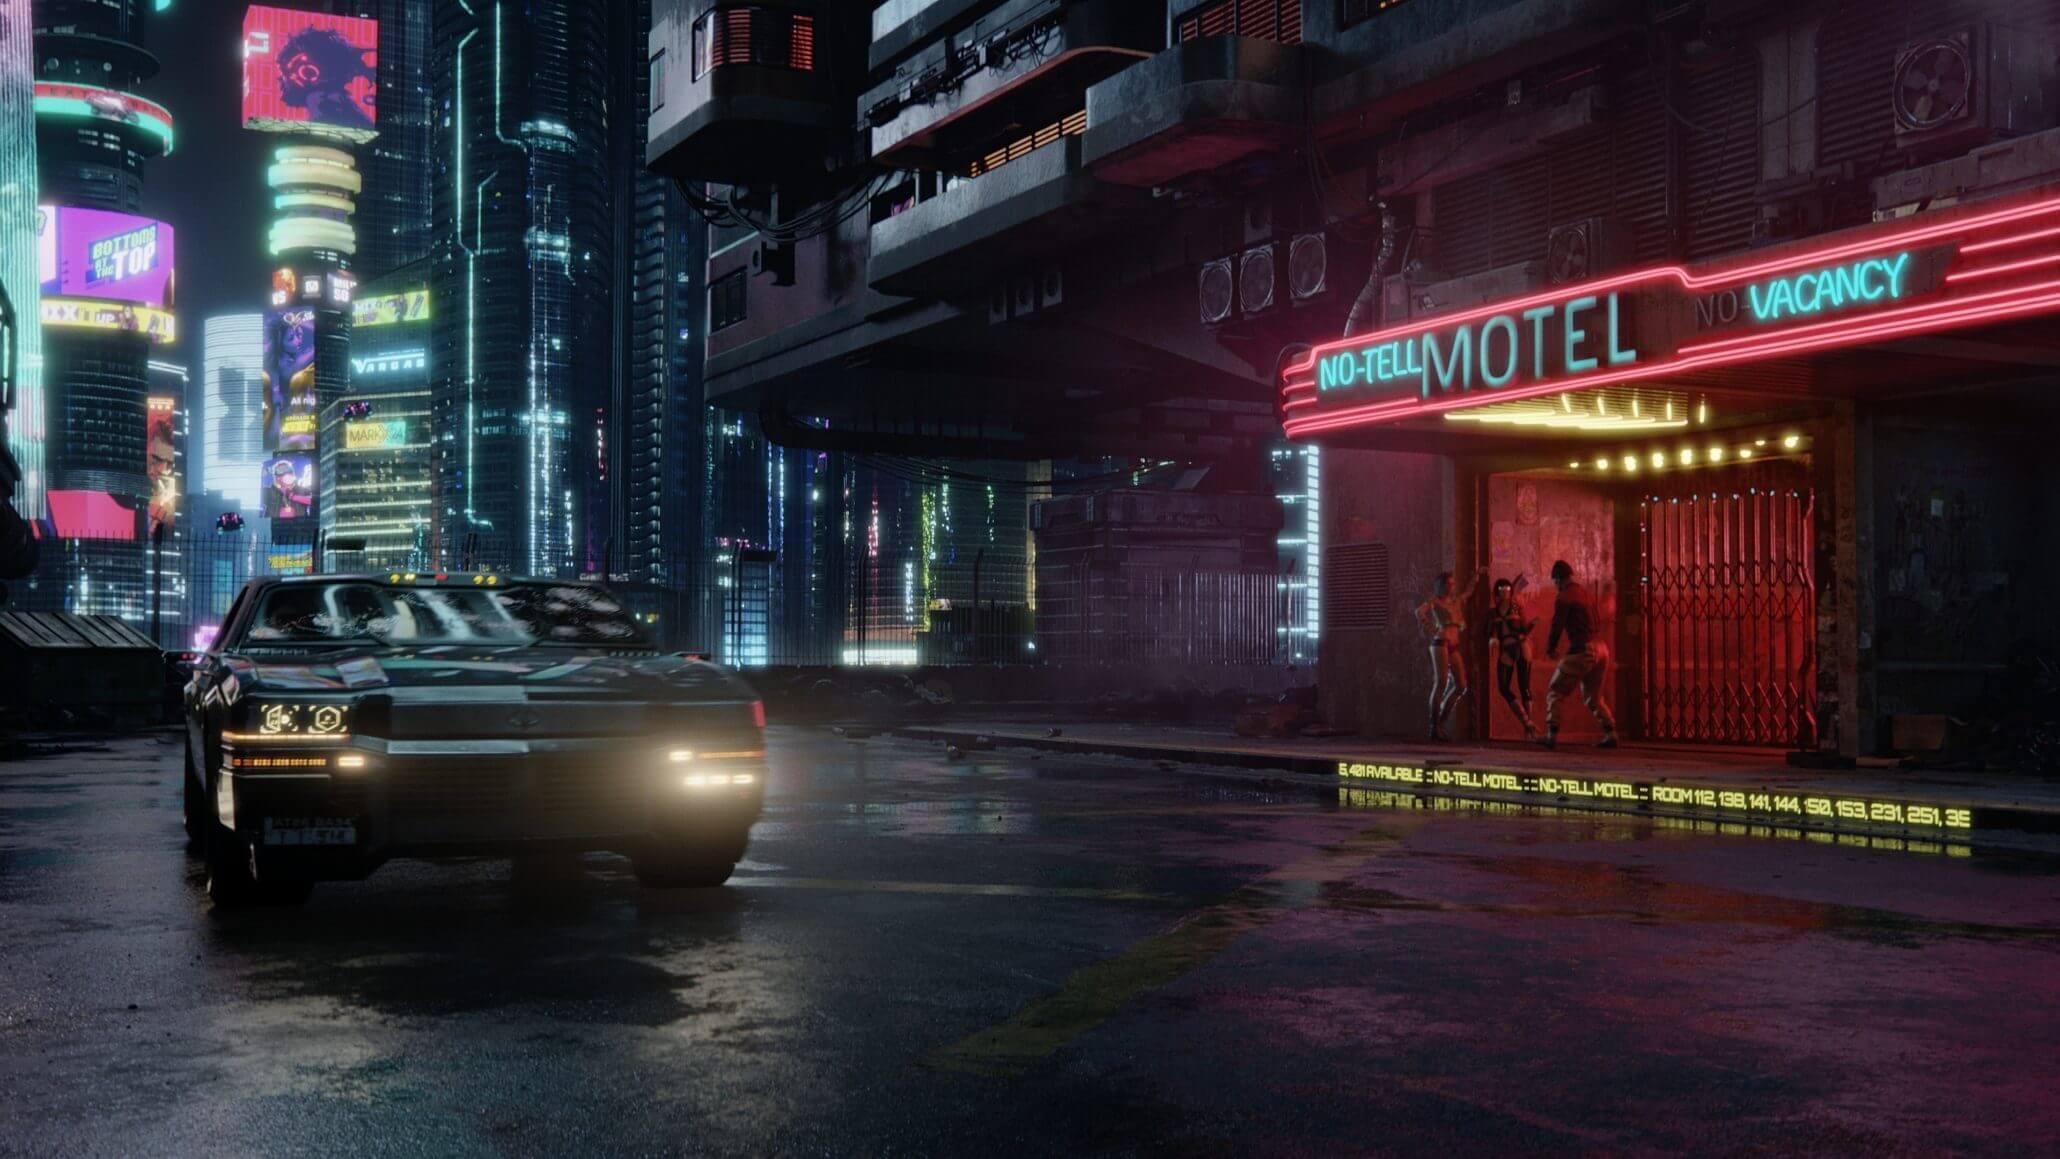 Вышел новый скриншот Cyberpunk 2077, демонстрирующий Найт-Сити ночью